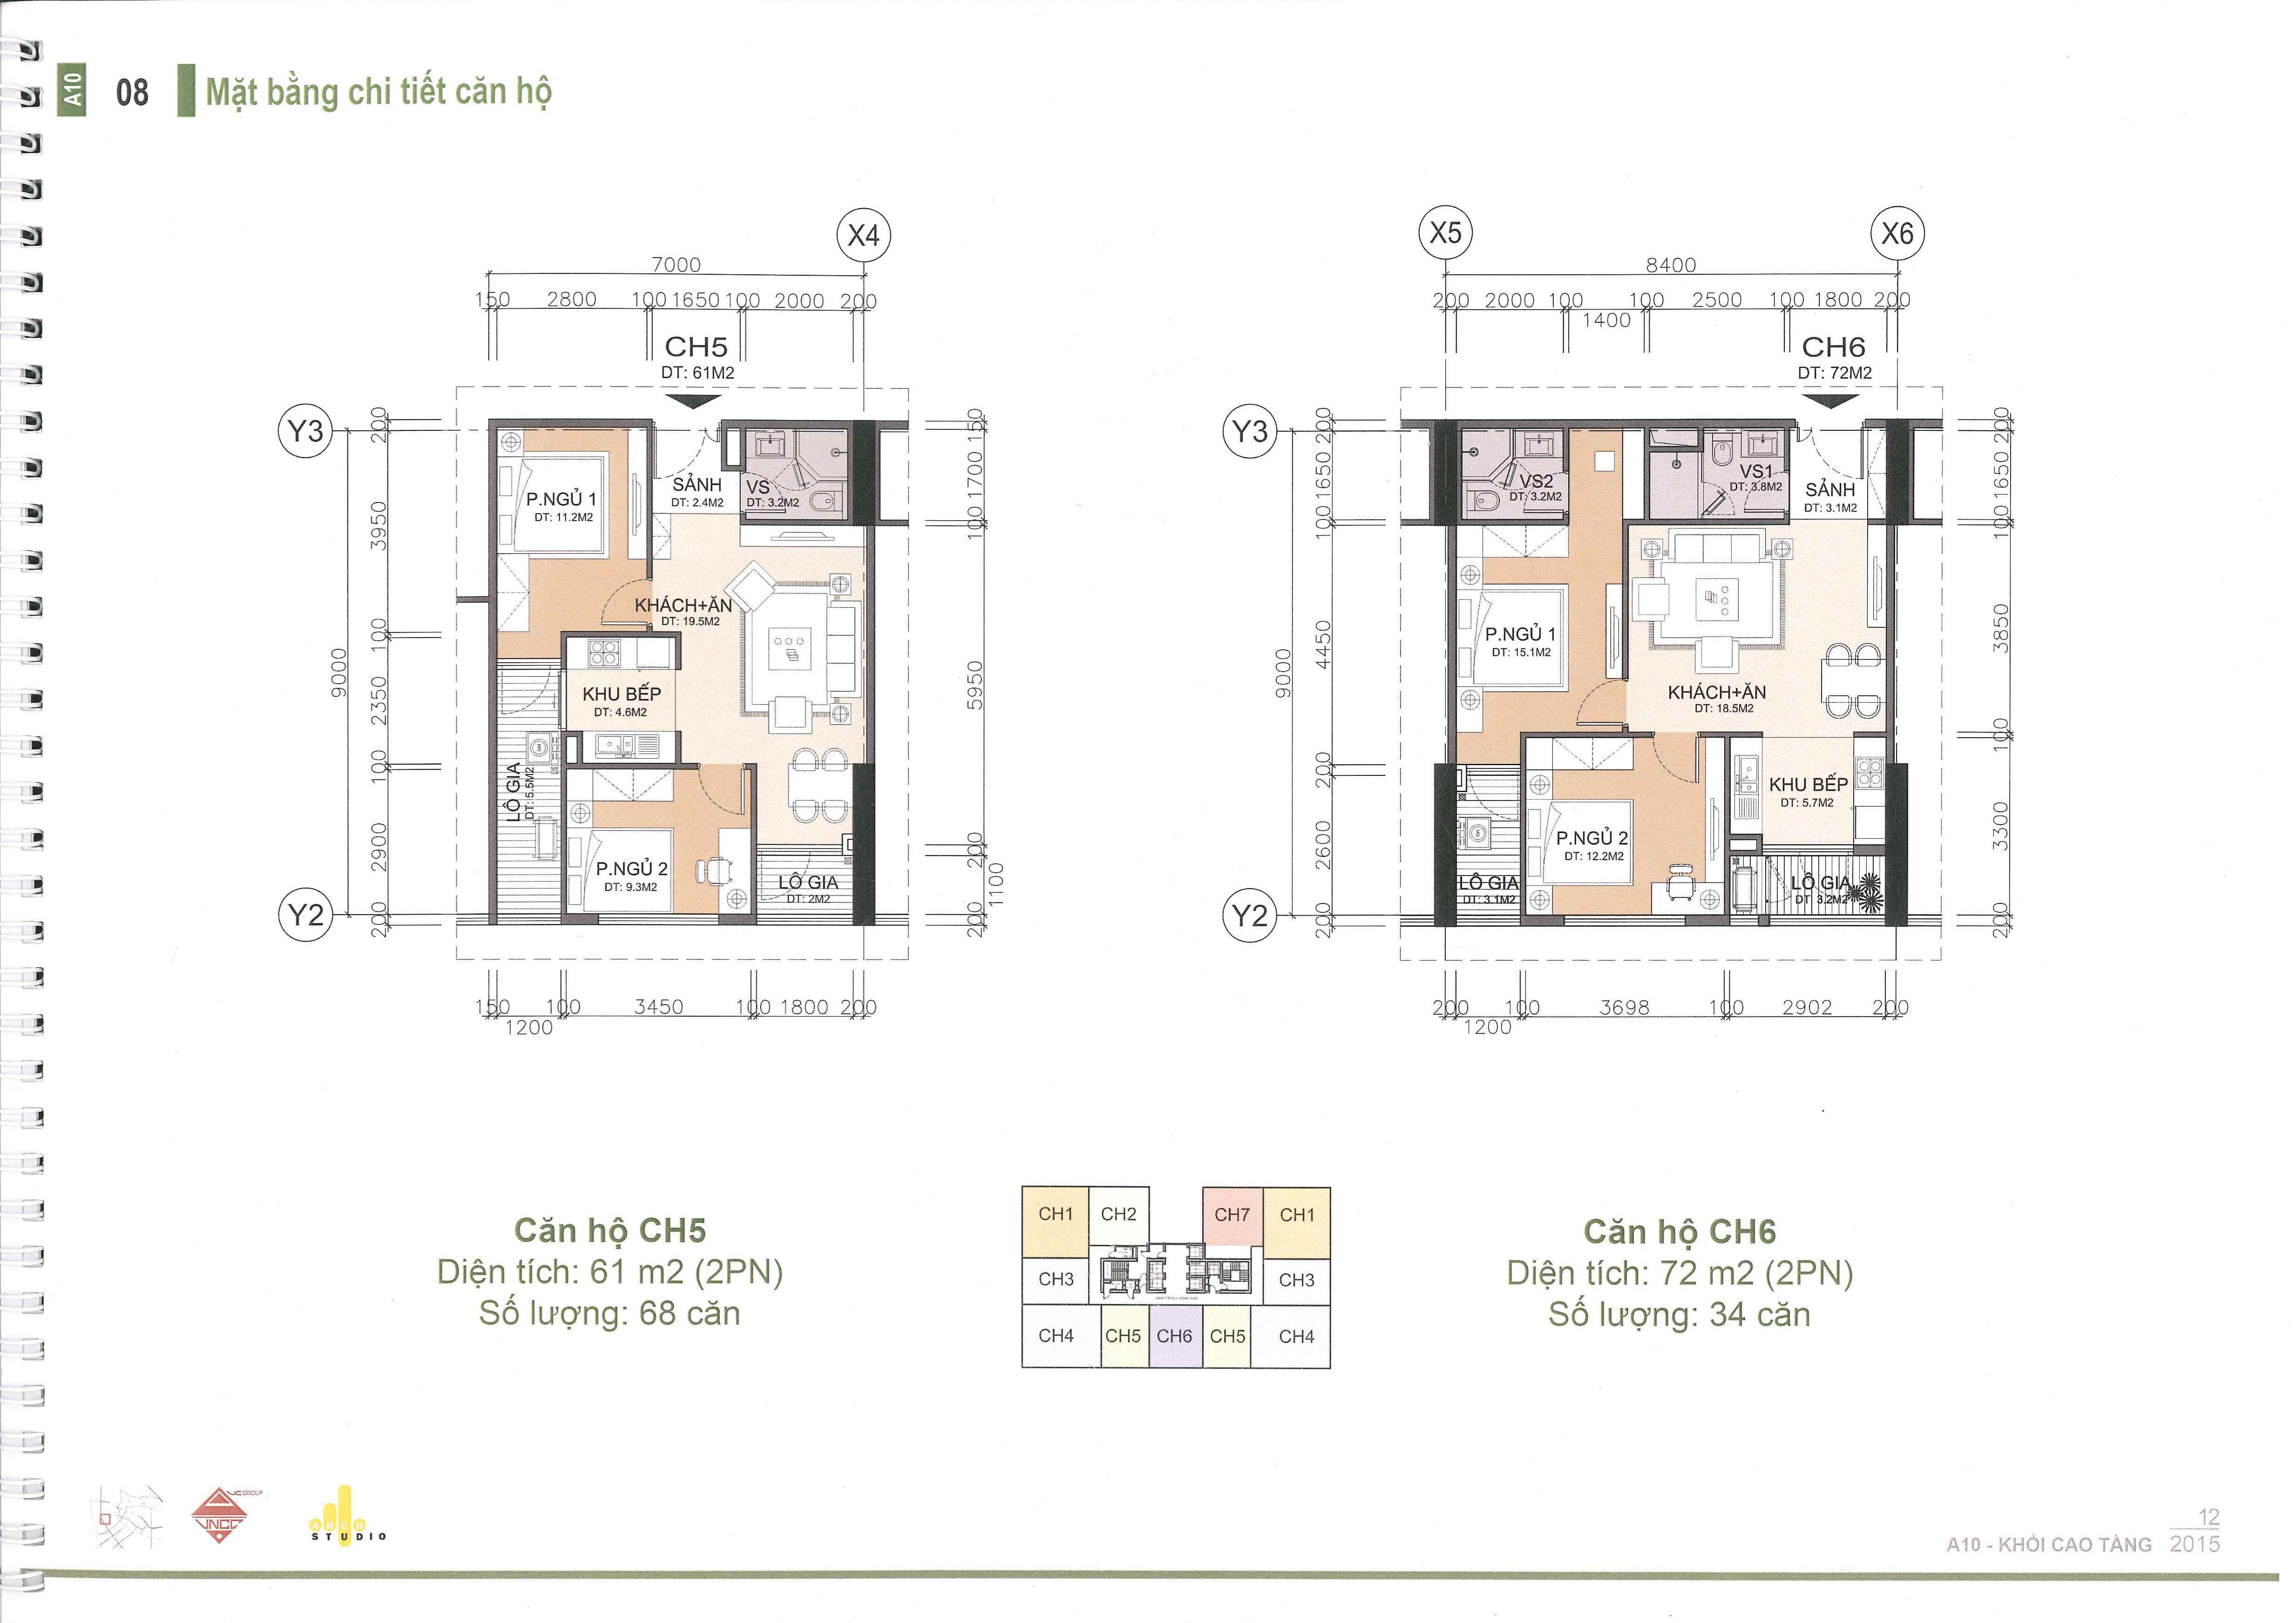 thiết kế căn hộ a10 nam trung yên căn ch5 và ch6